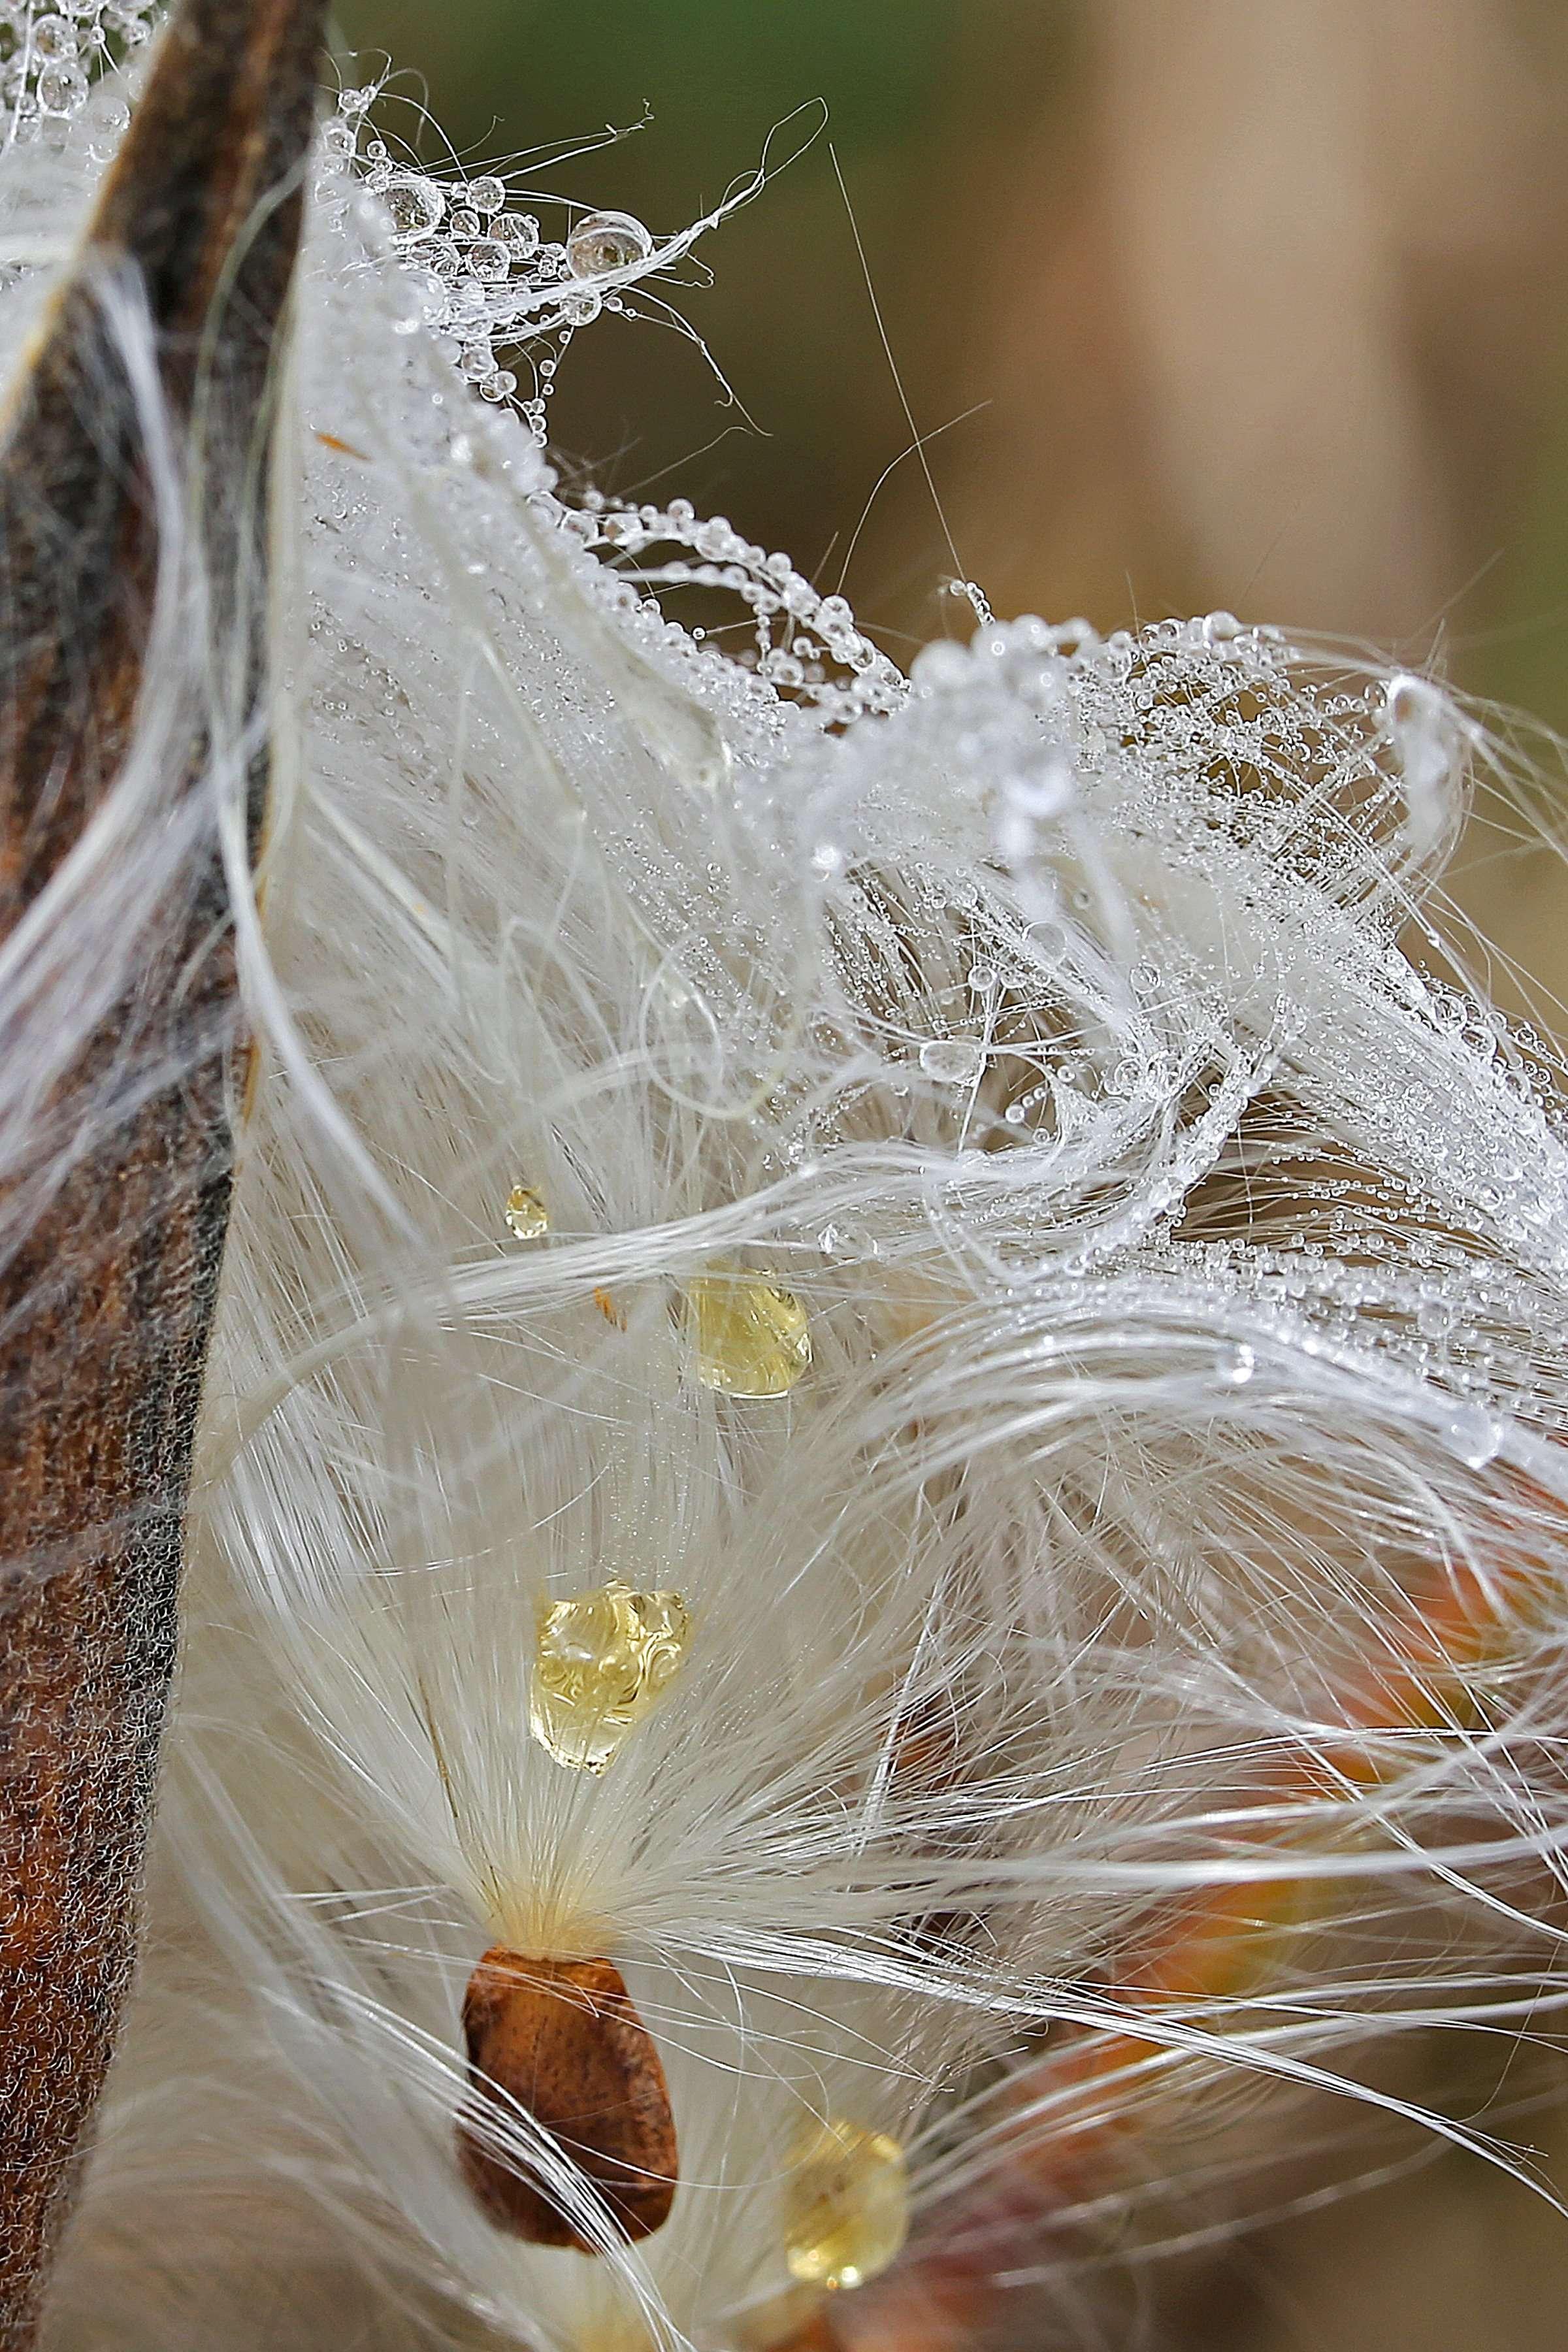 Dew Laden Milkweed Pod Dispersing Seeds